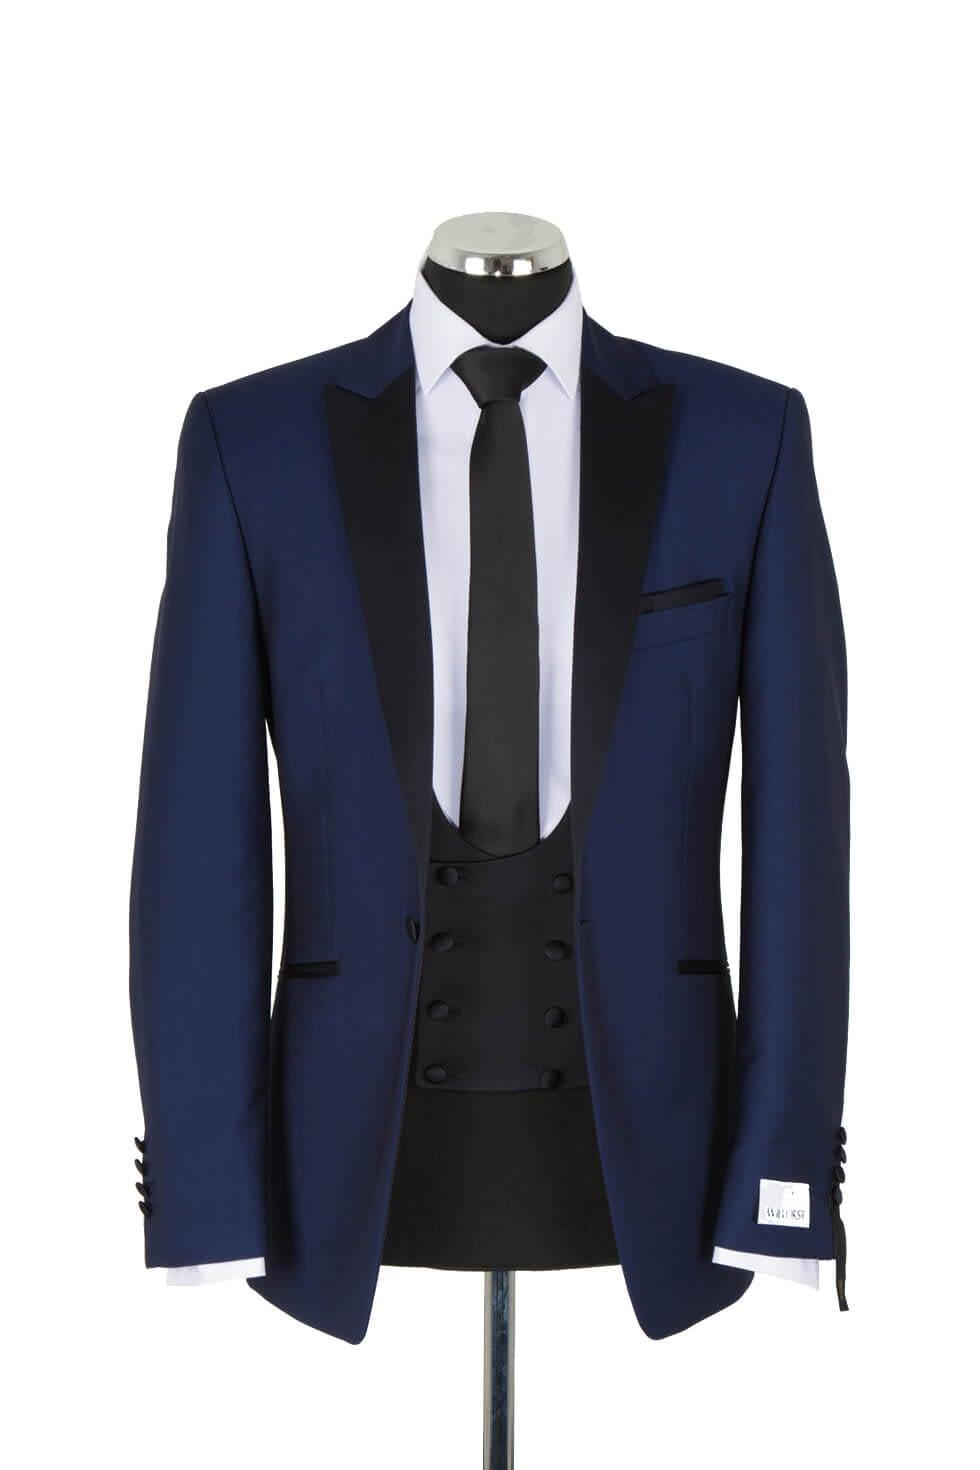 Wilvorst Royal Blue Evening Suit